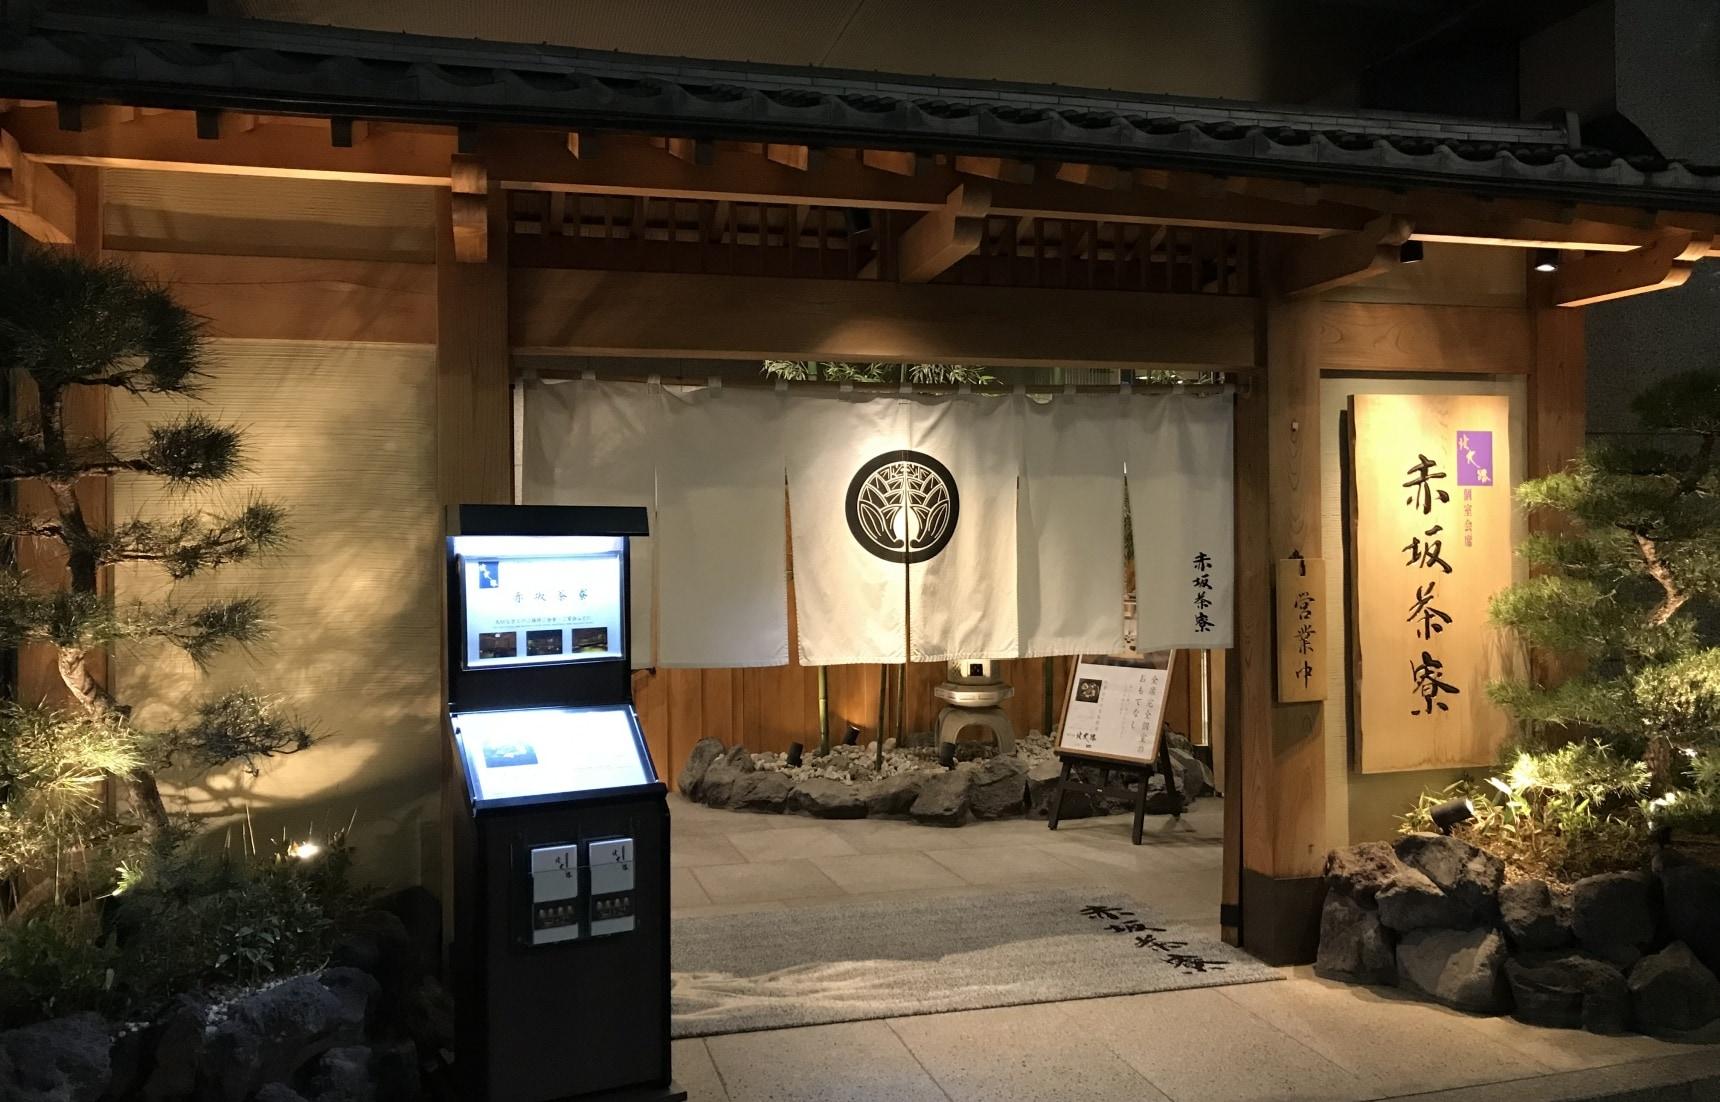 舌尖上的日本:日料的低调与奢华——北大路赤坂茶寮